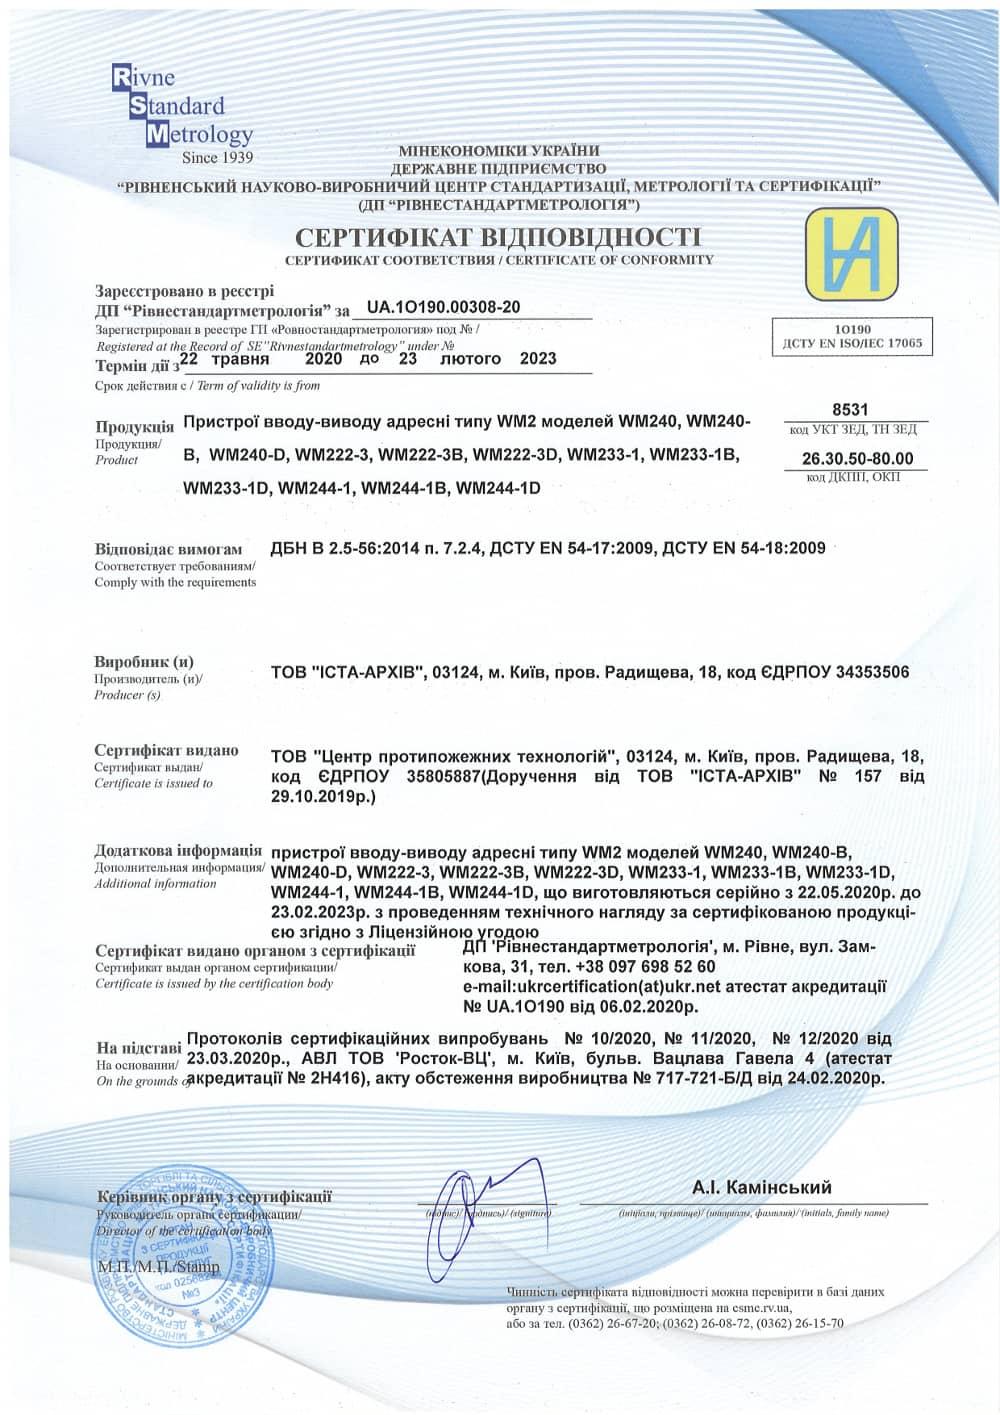 Сертифікат на пристрої вв WM240, WM222-3, WM233-1, WM244-1